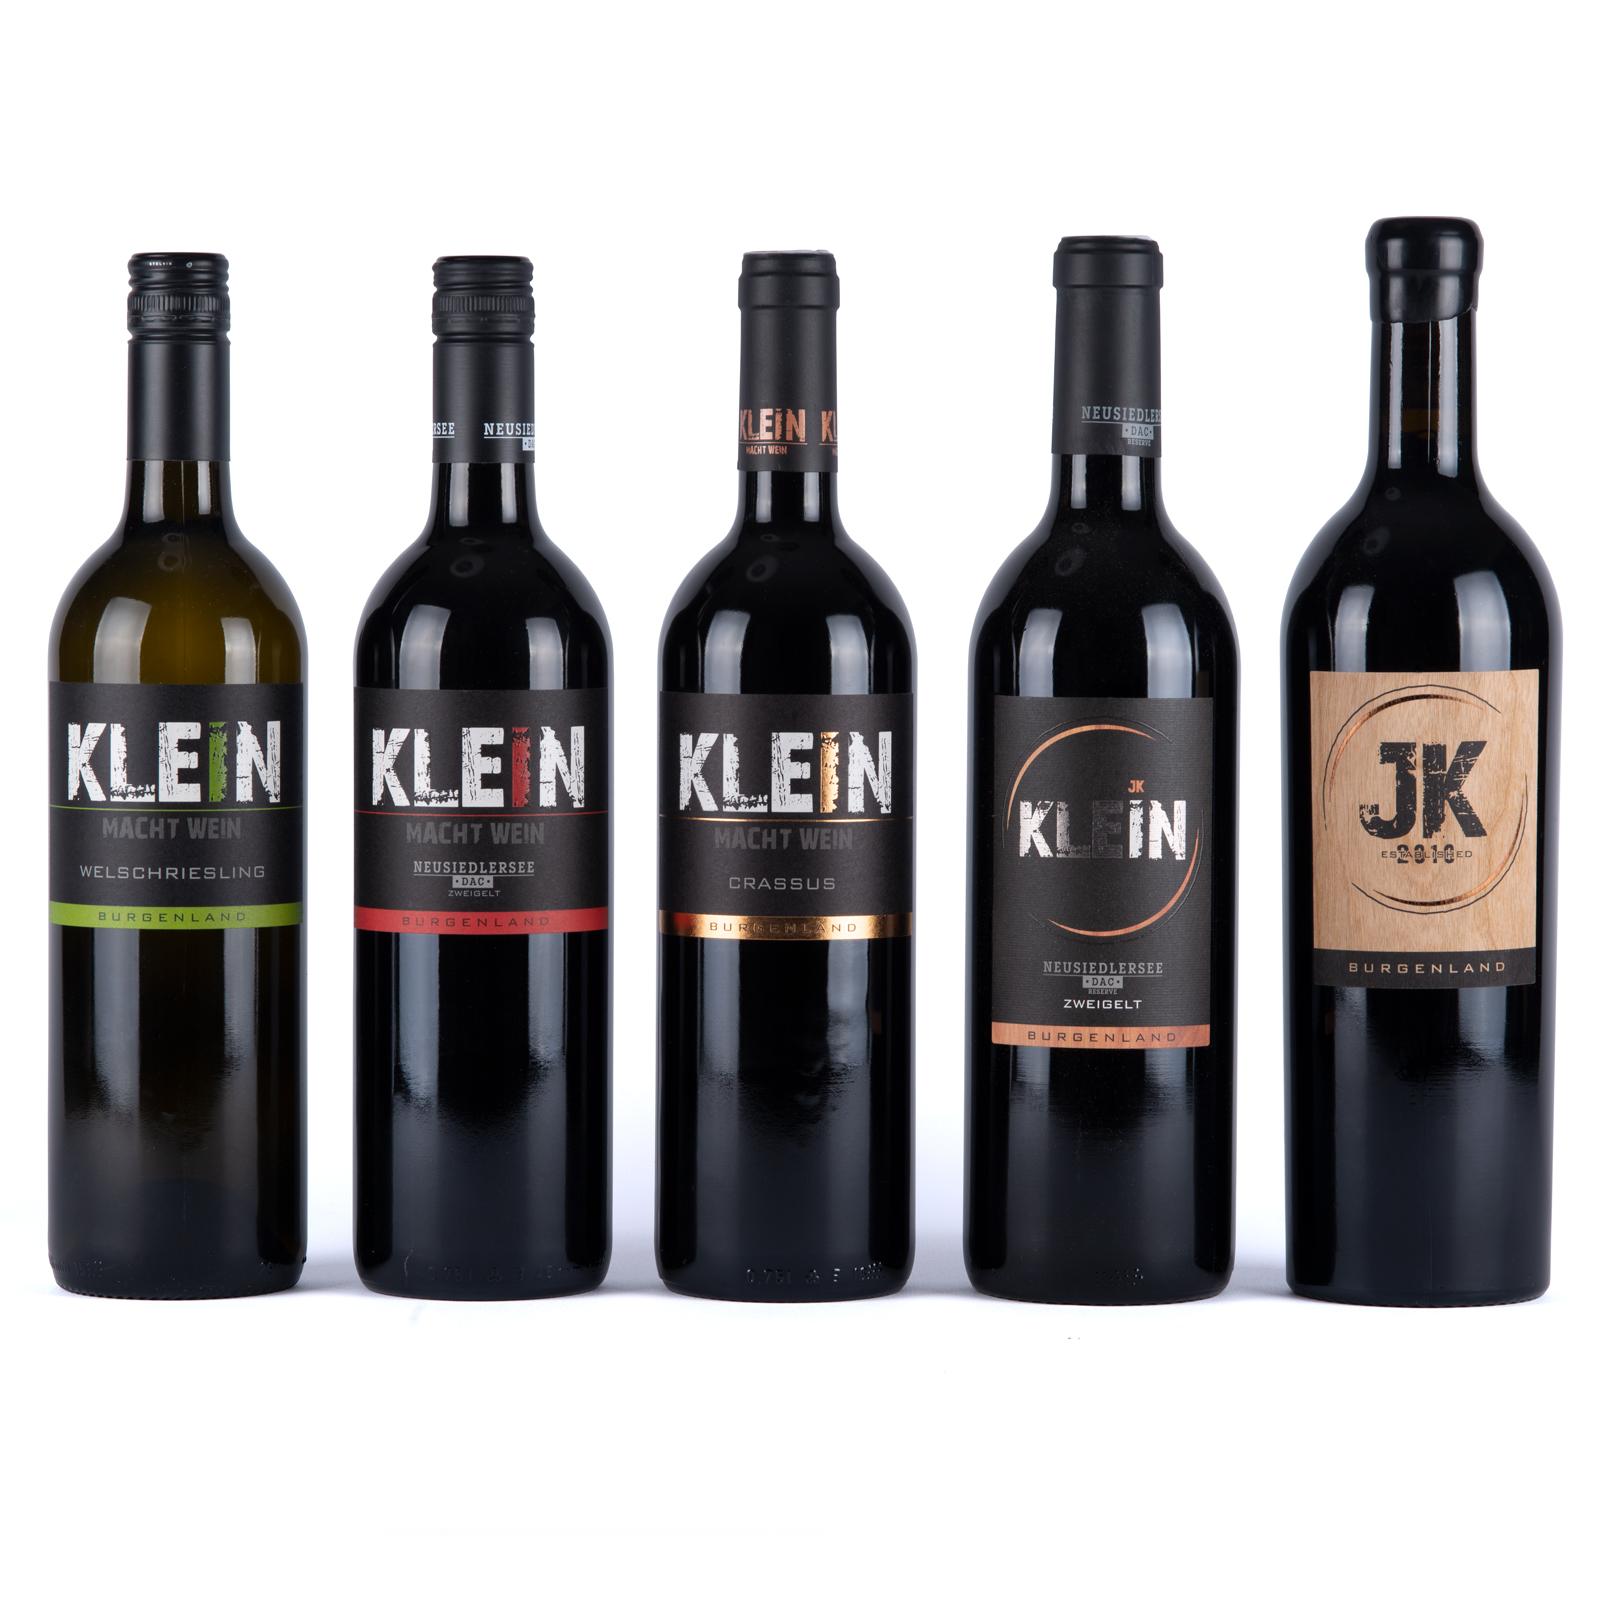 Die Weinlinie von J. KLEIN